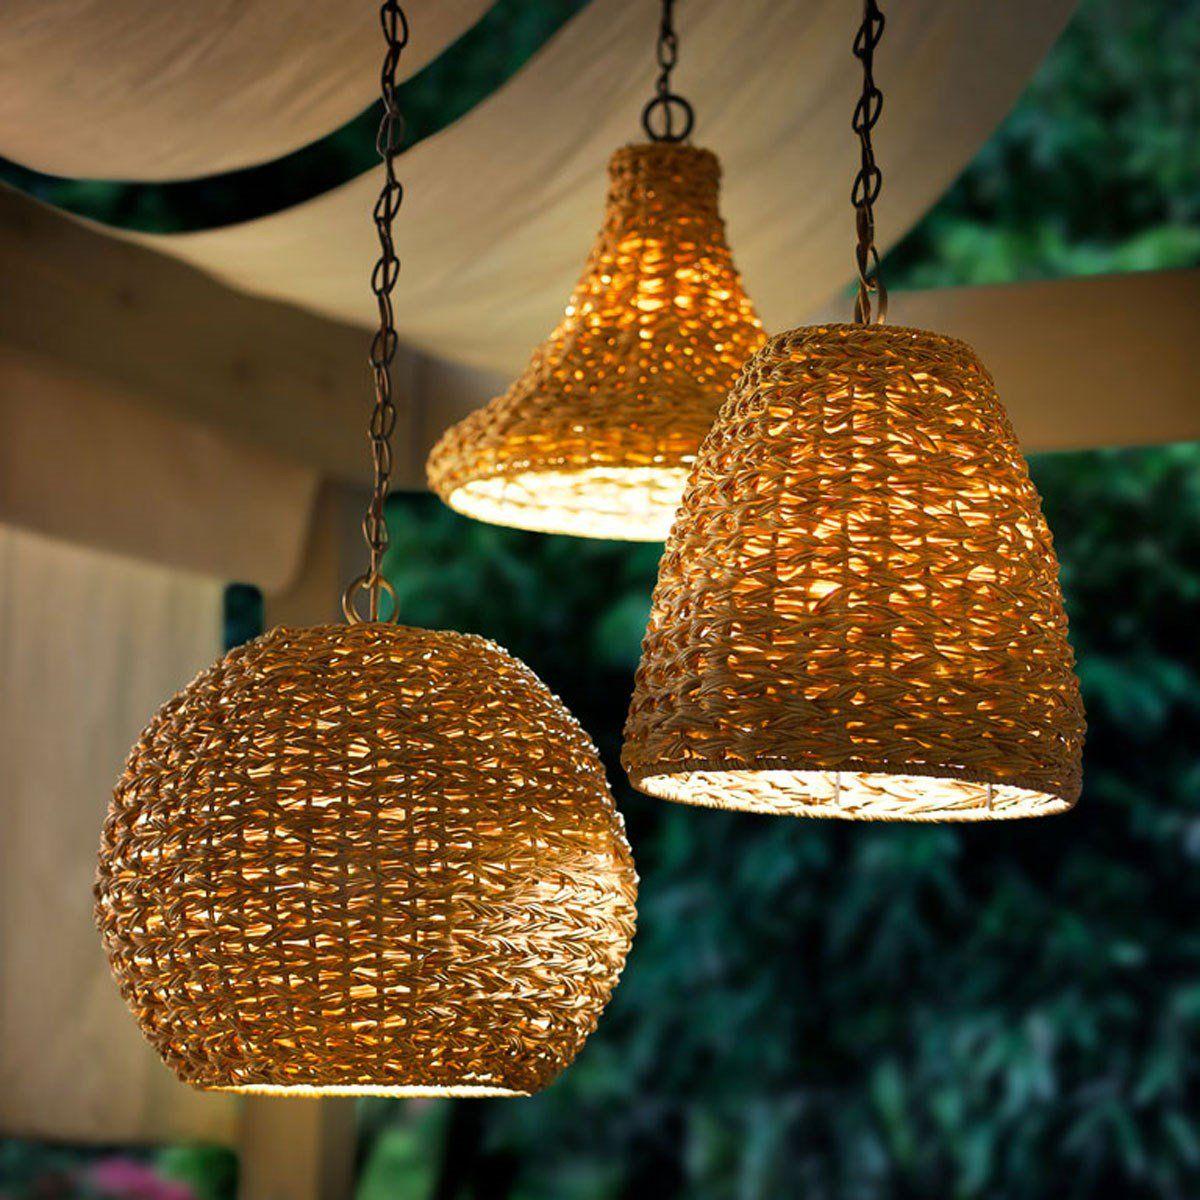 Palisades 16 5 1 Light Pendant Chestnut Wicker Lamparas Colgantes Iluminacion Exterior Decoracion De Unas